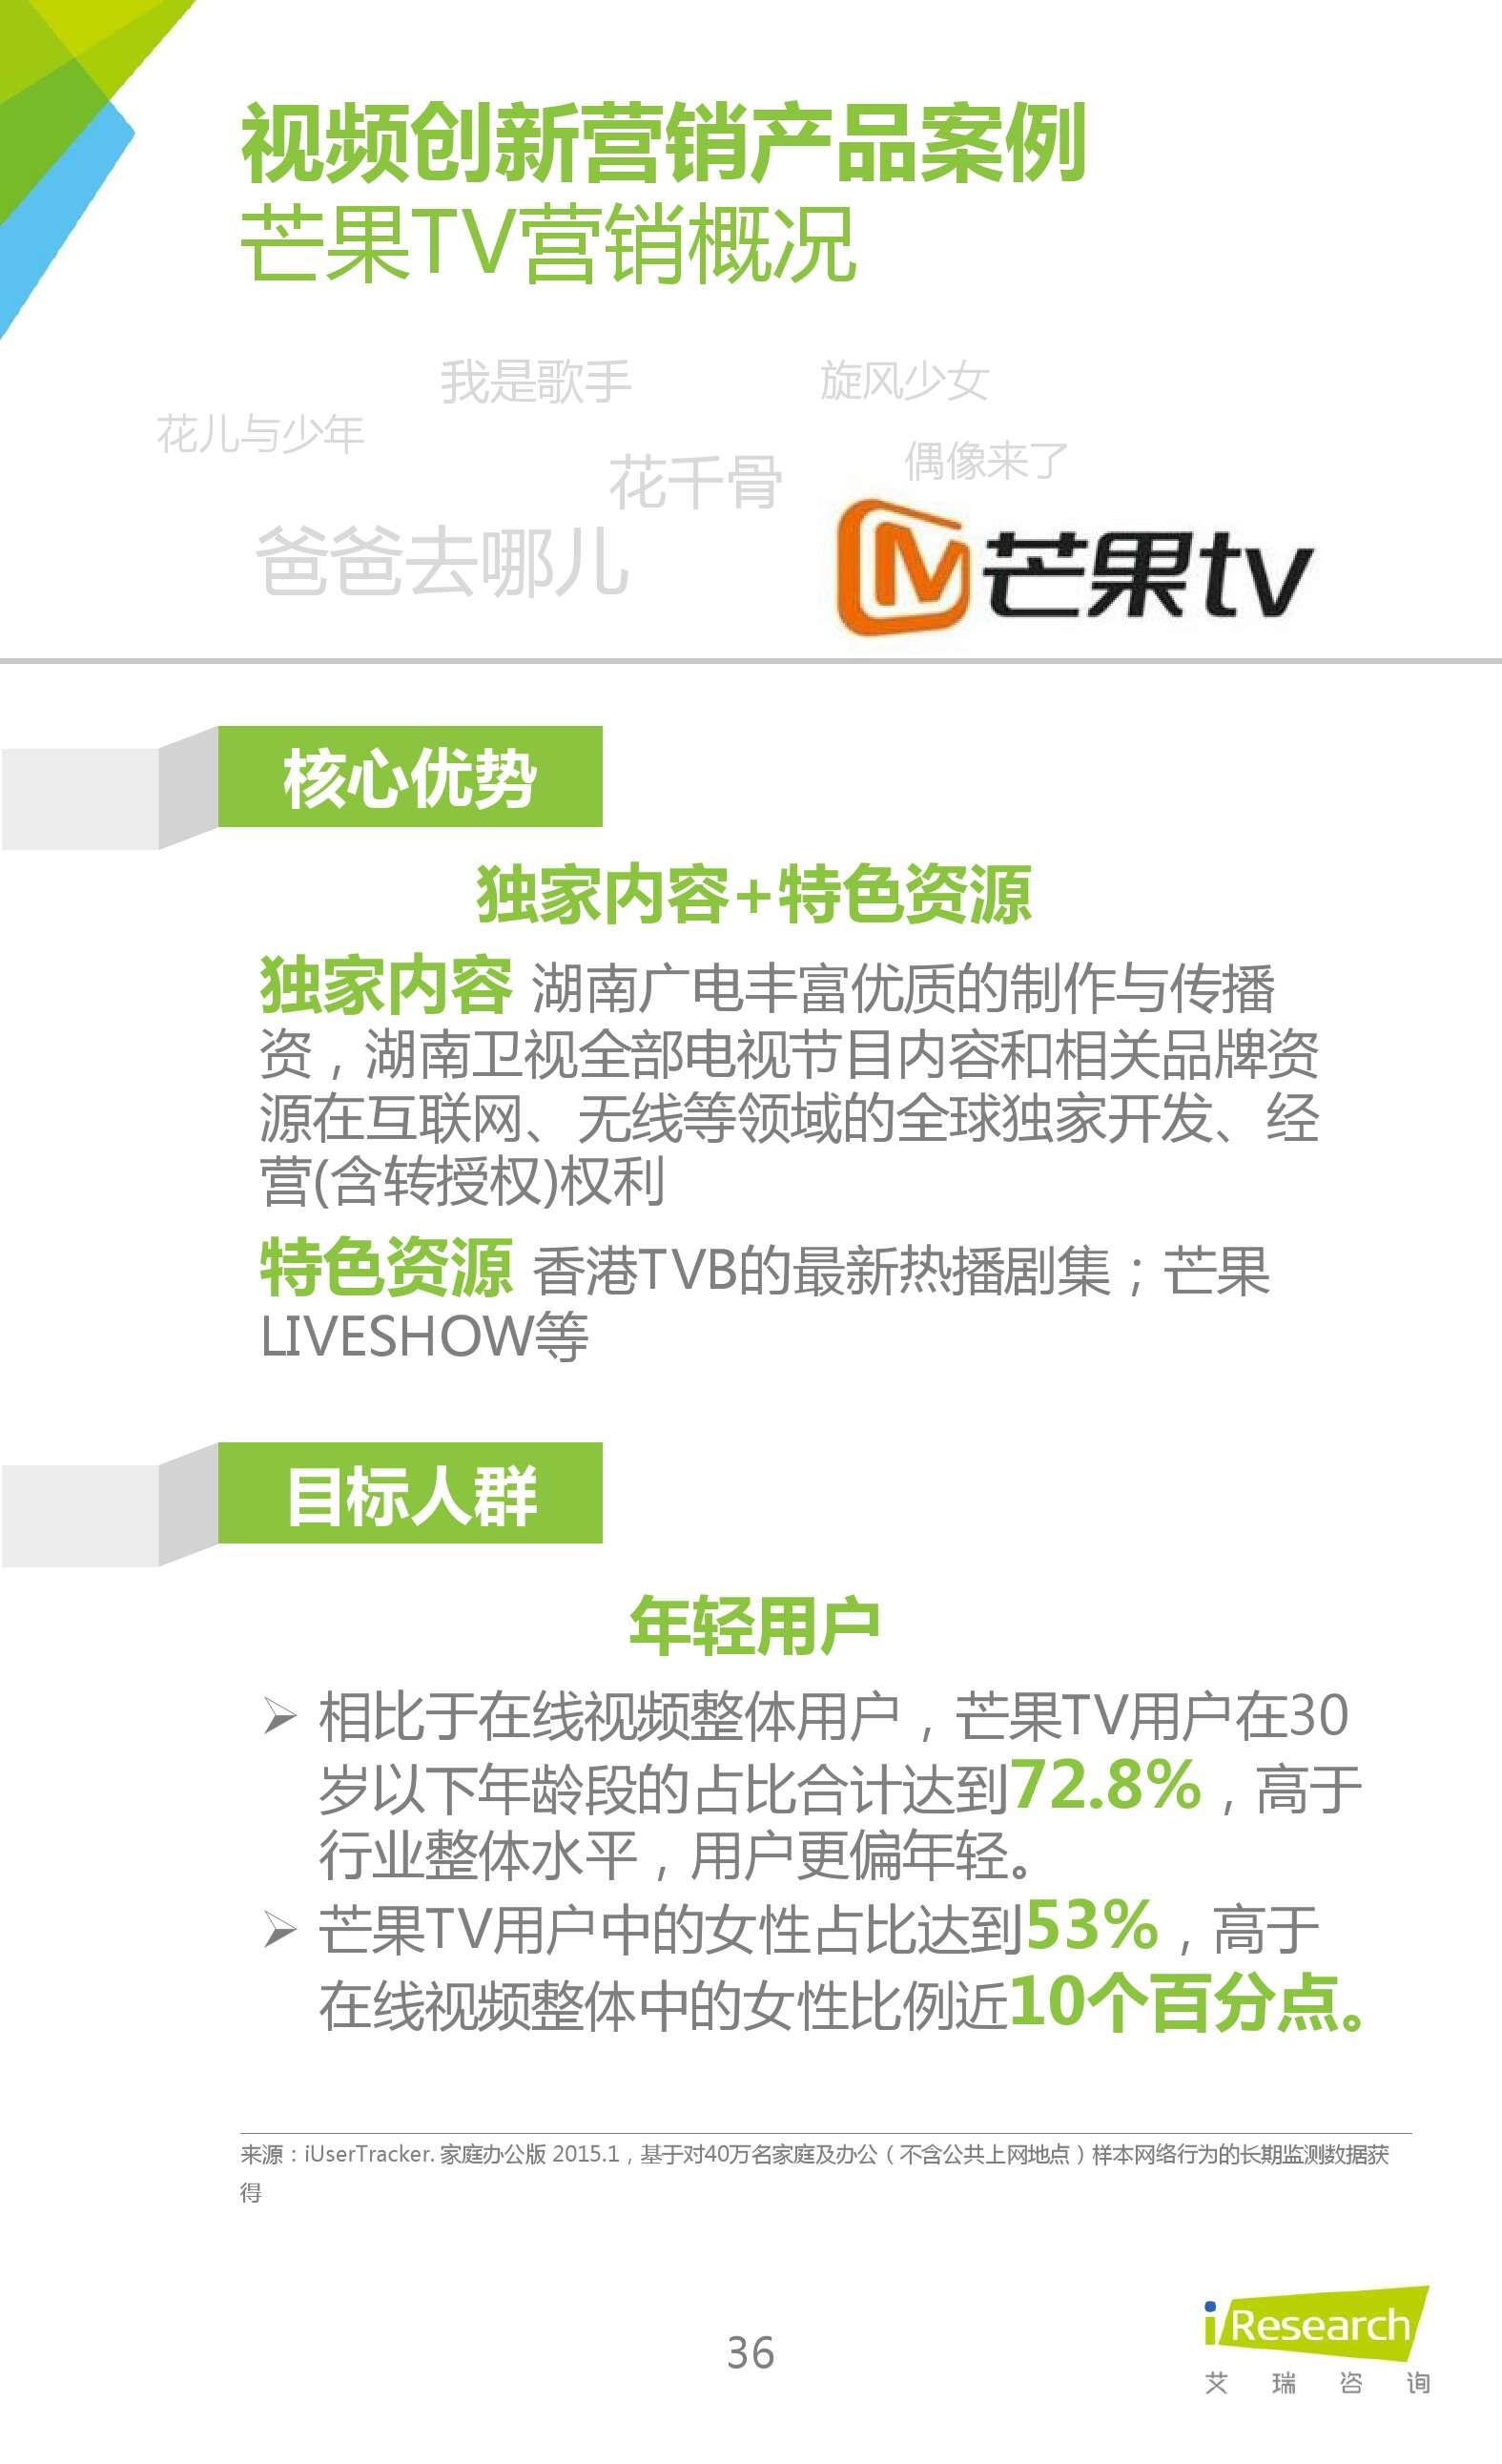 2016年中国在线视频企业创新营销研究_000036